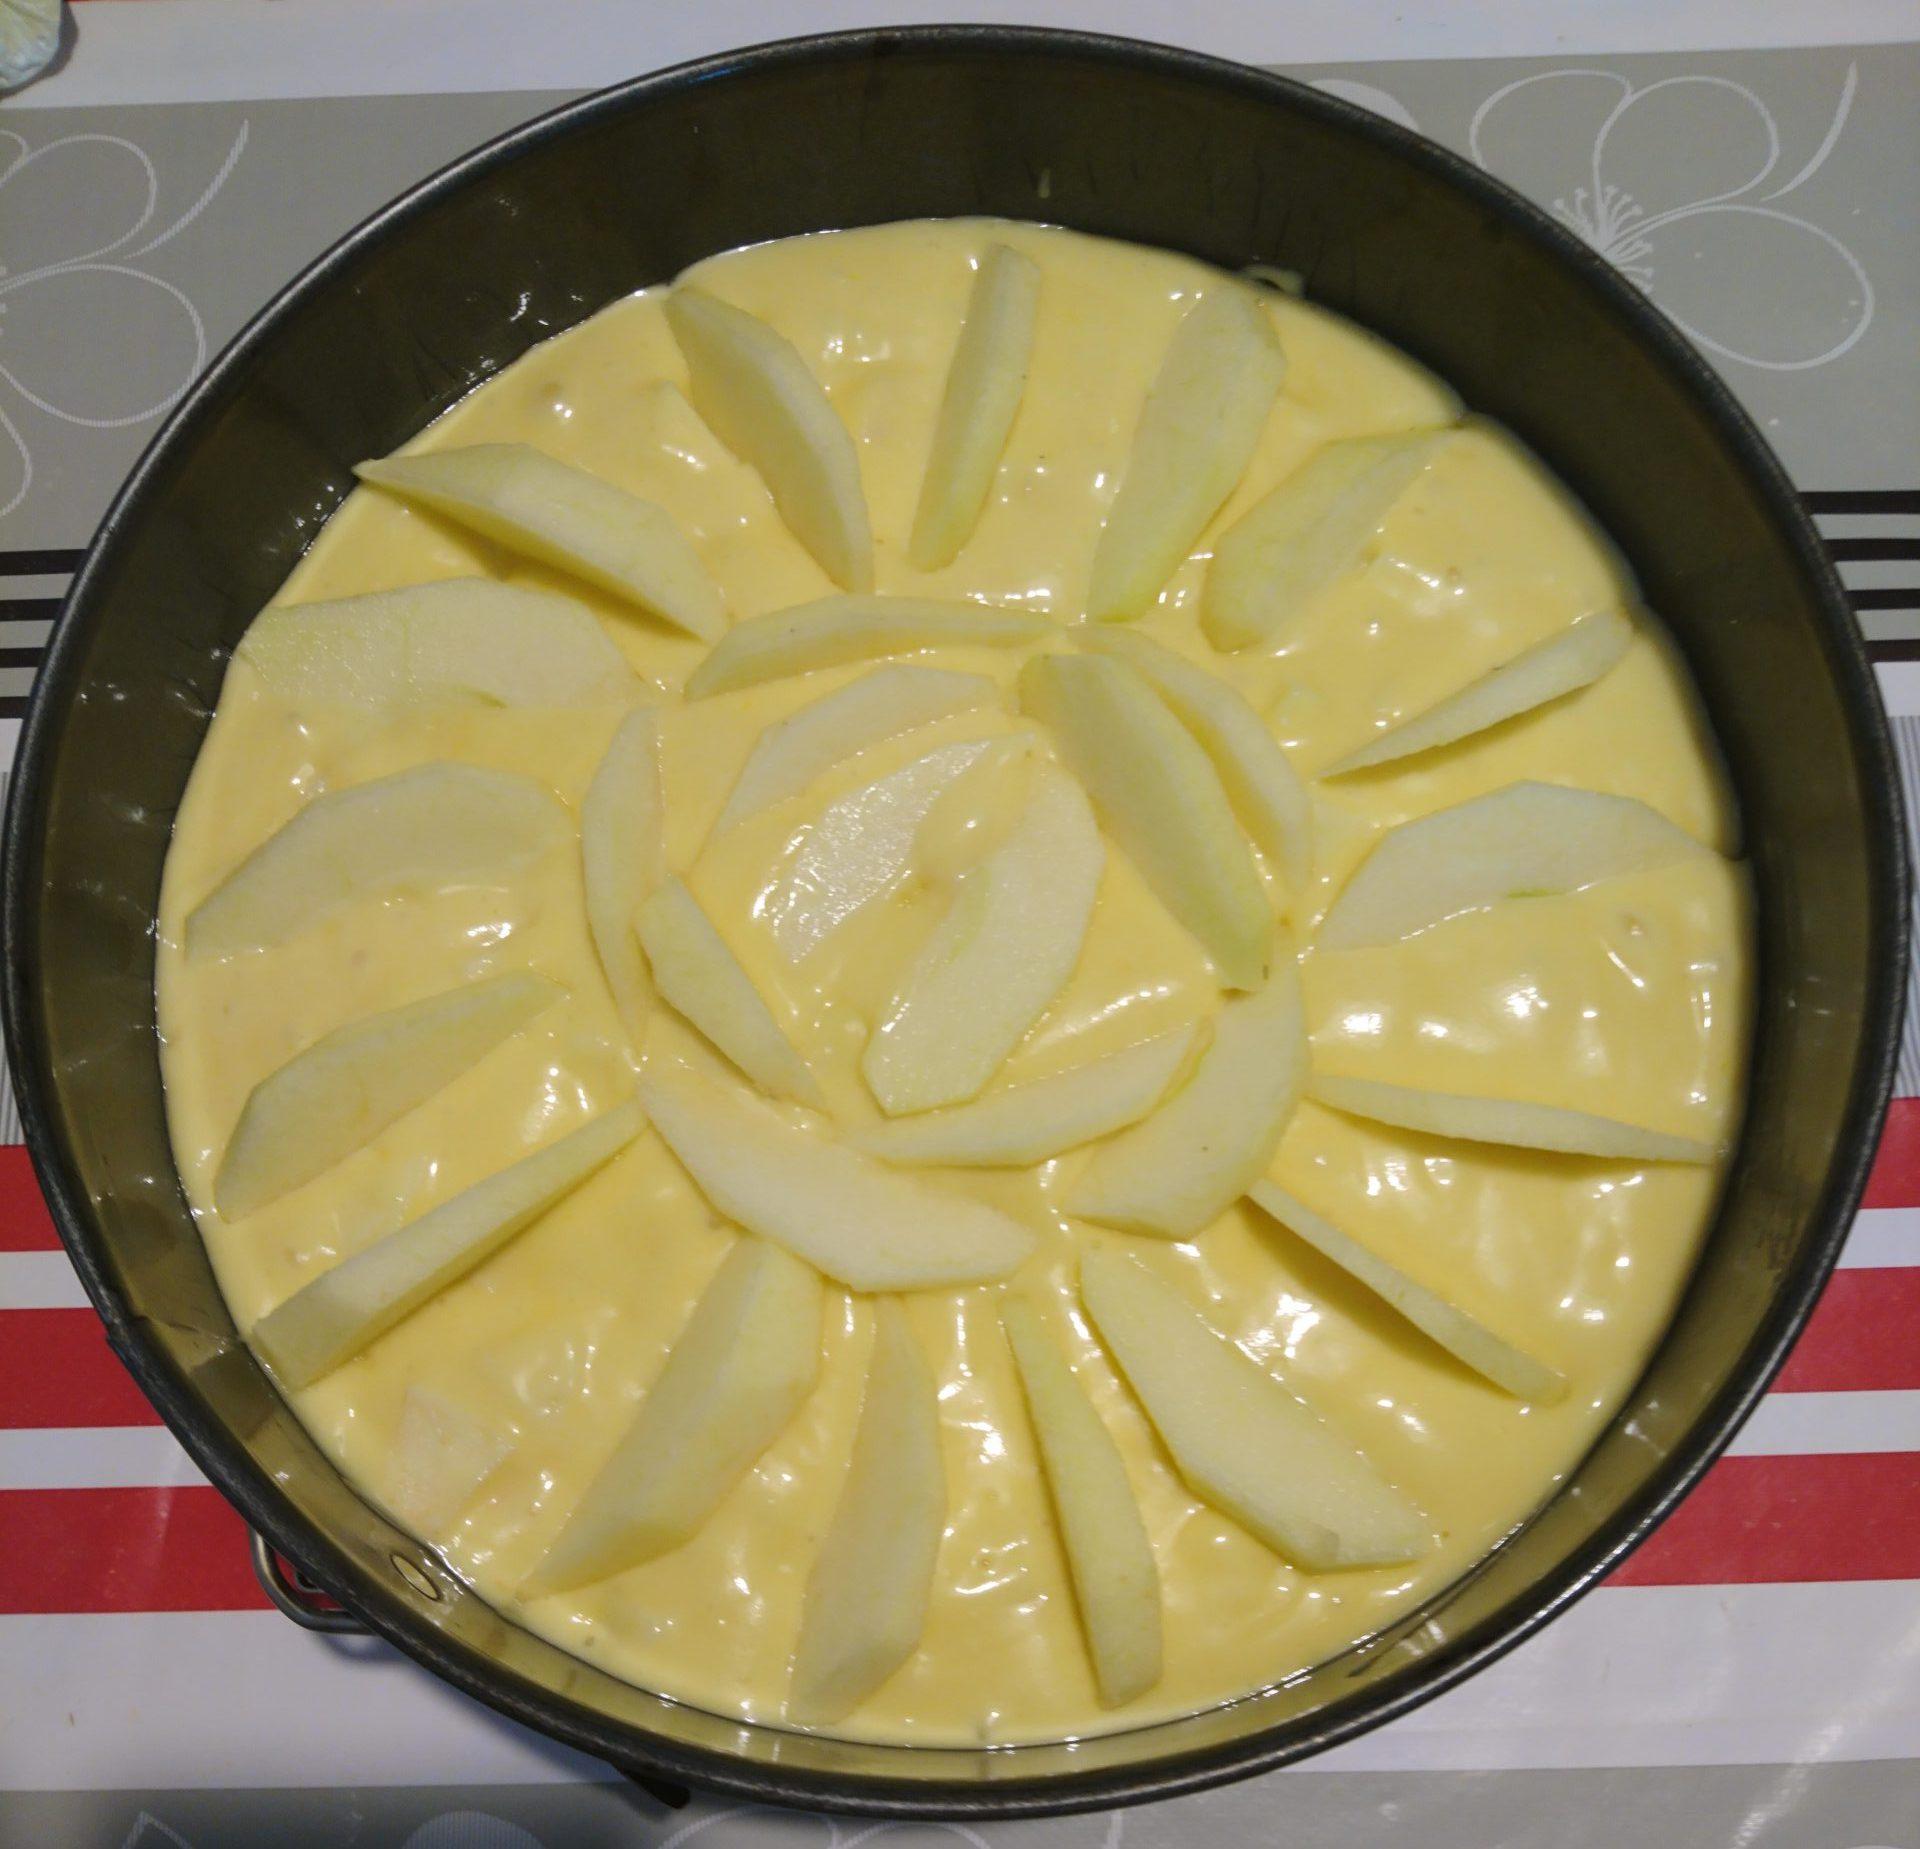 Torta di mele e yogurt - Torta cruda